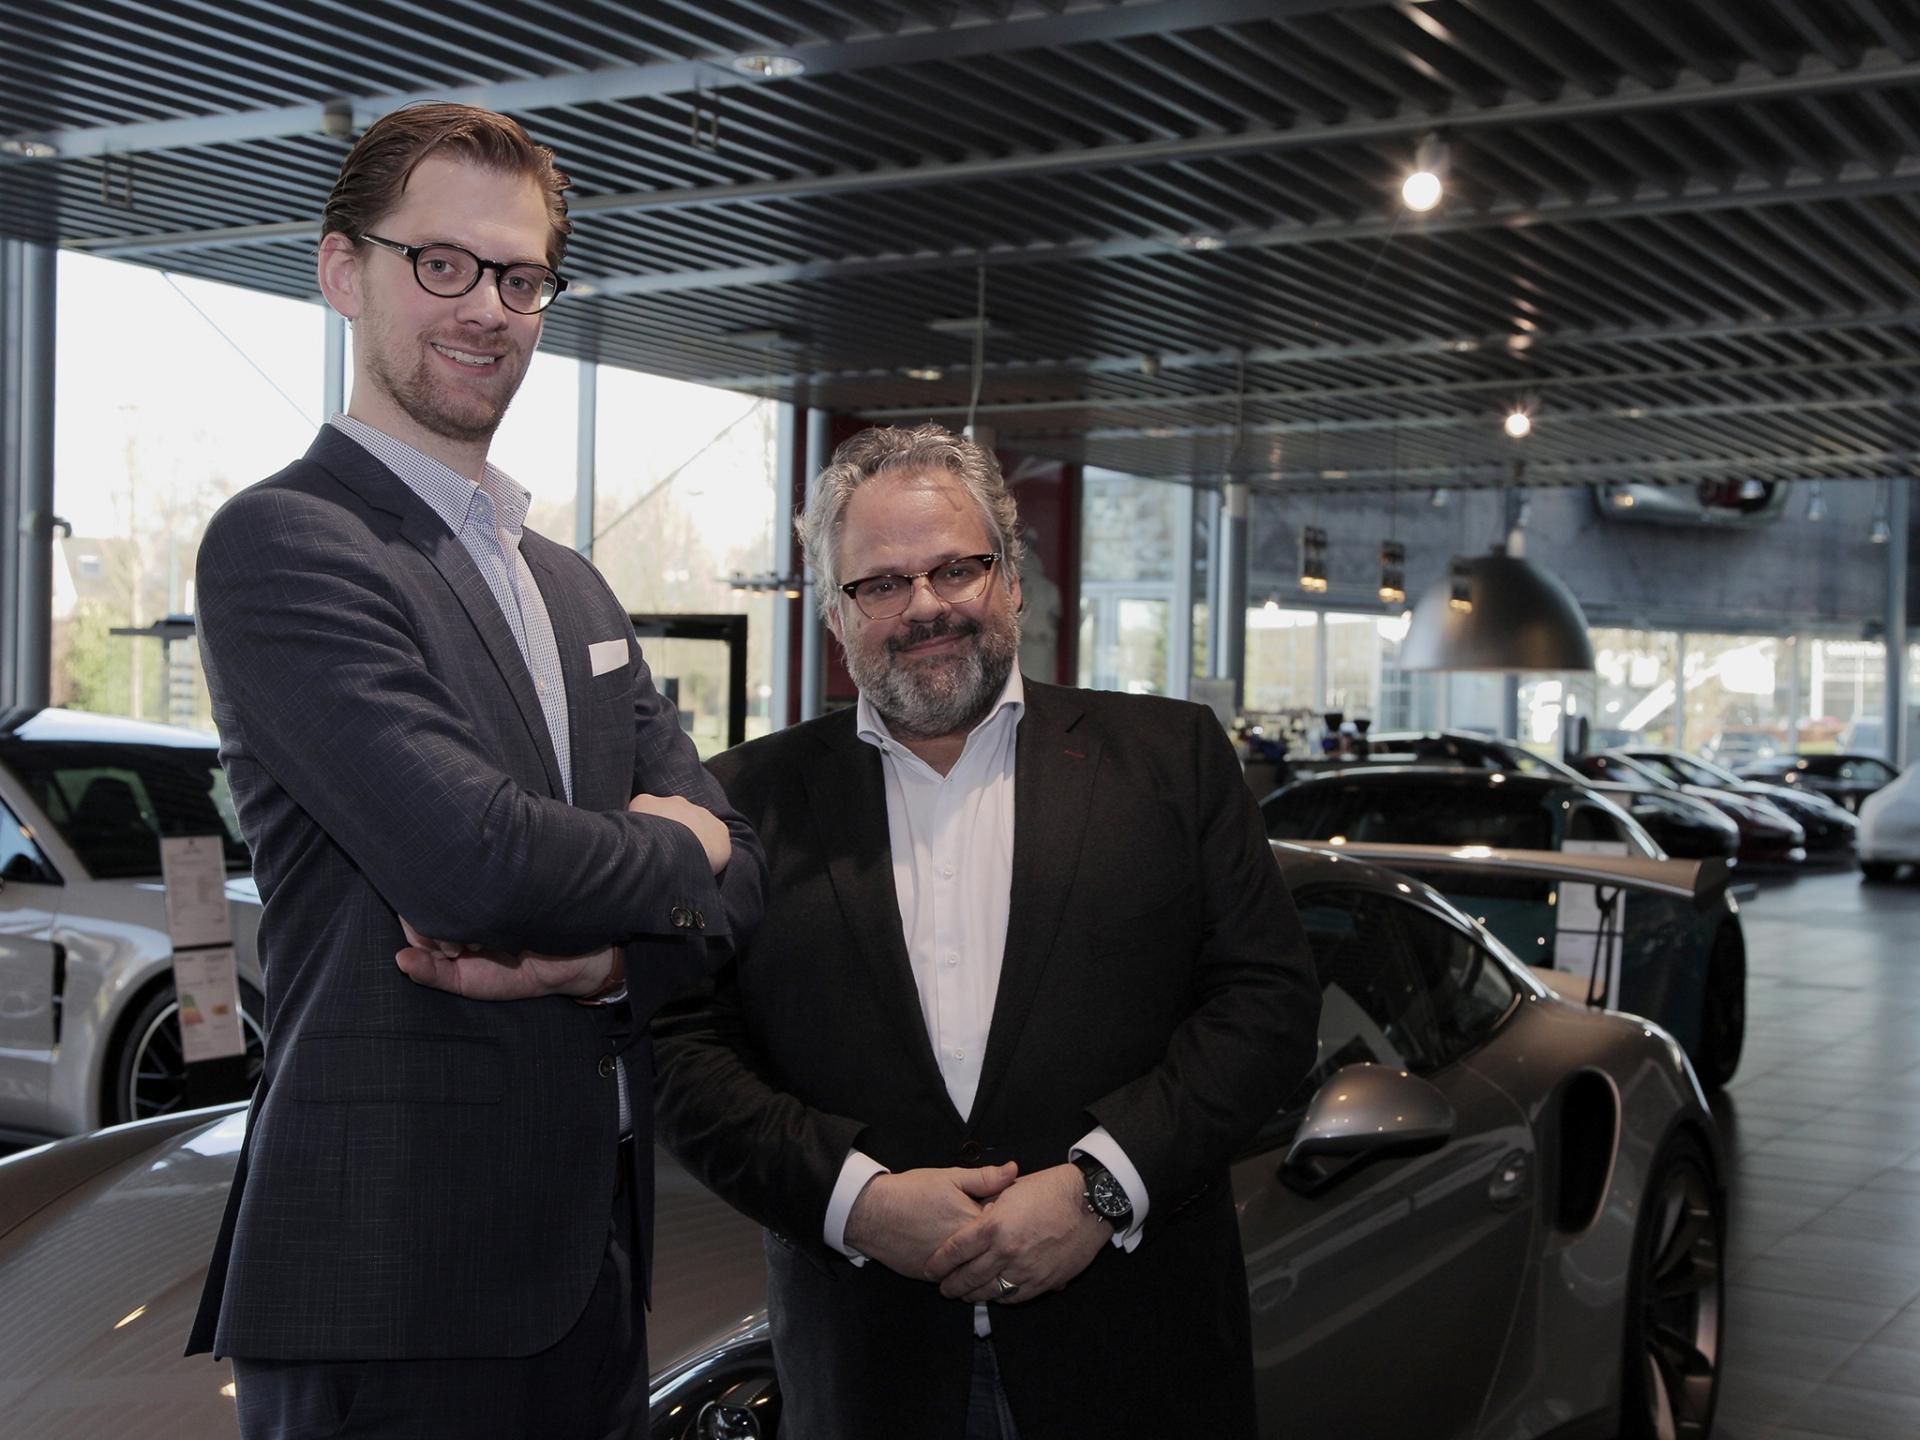 Blik op Wielen – Bas van Werven & Niels van Roij